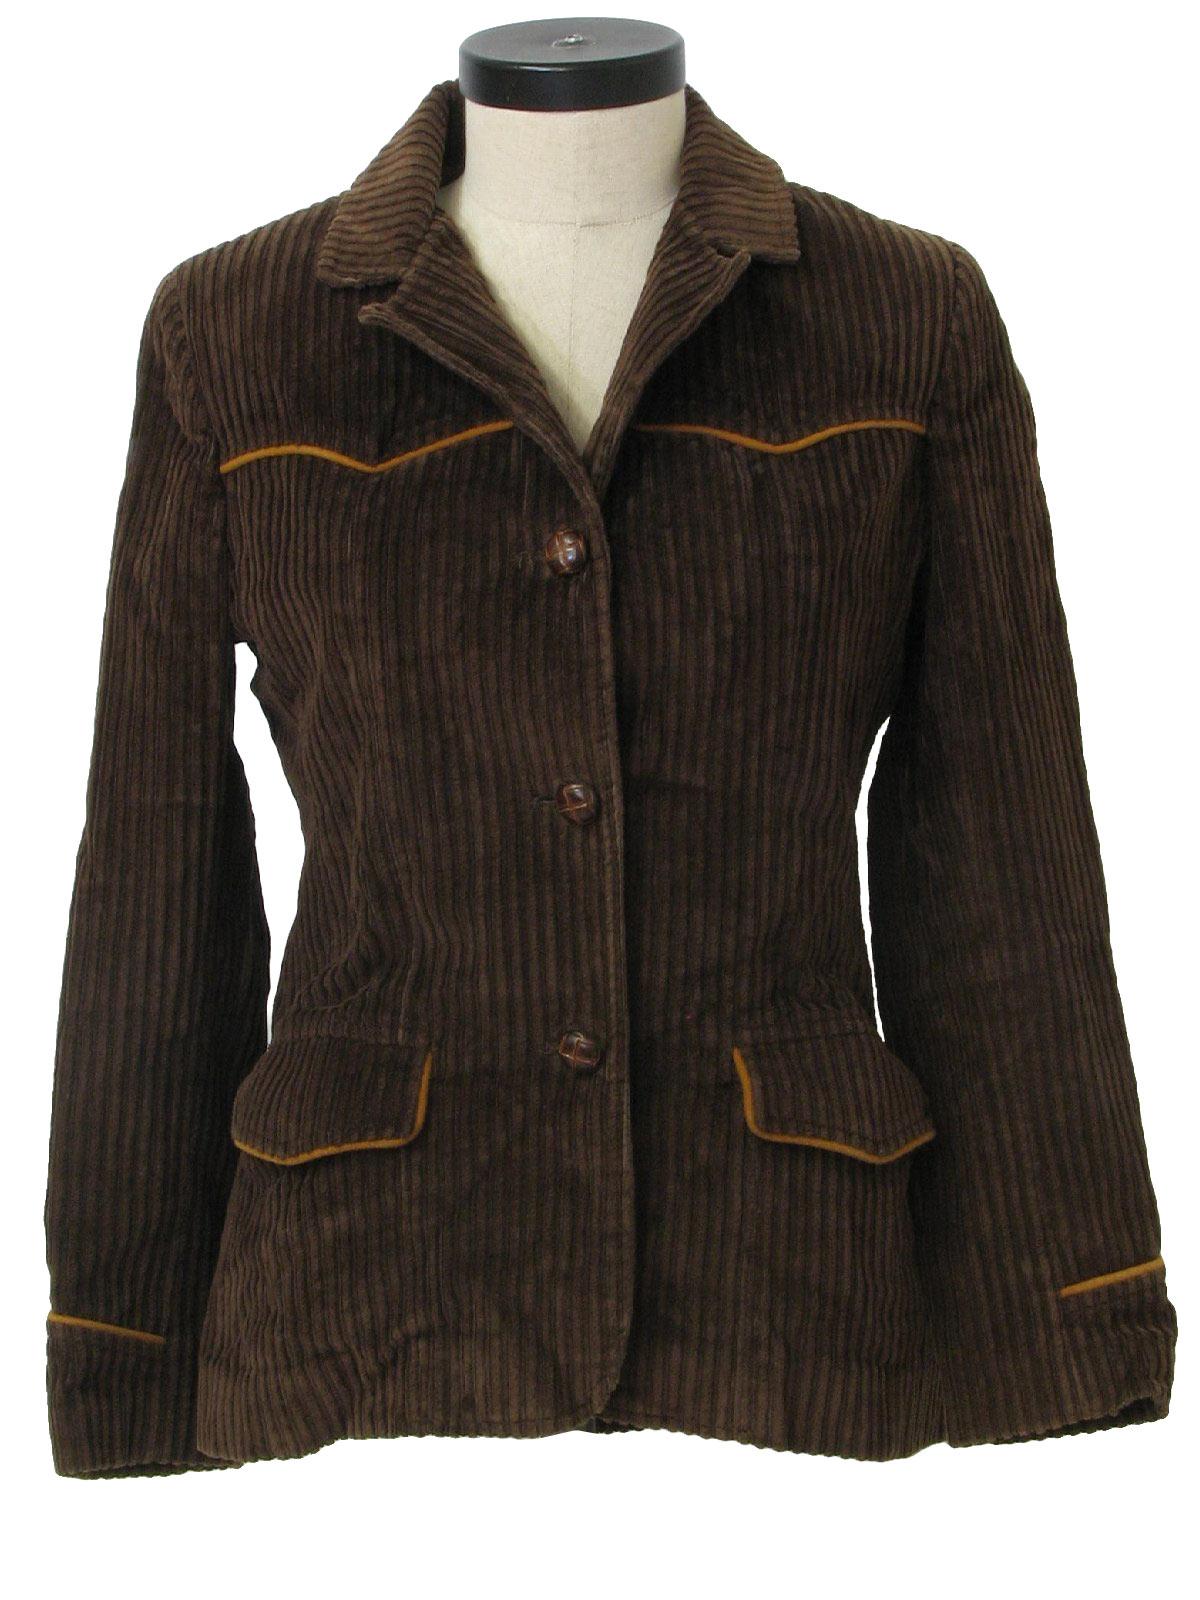 Eighties Vintage Jacket Early 80s Jocelli Womens brown